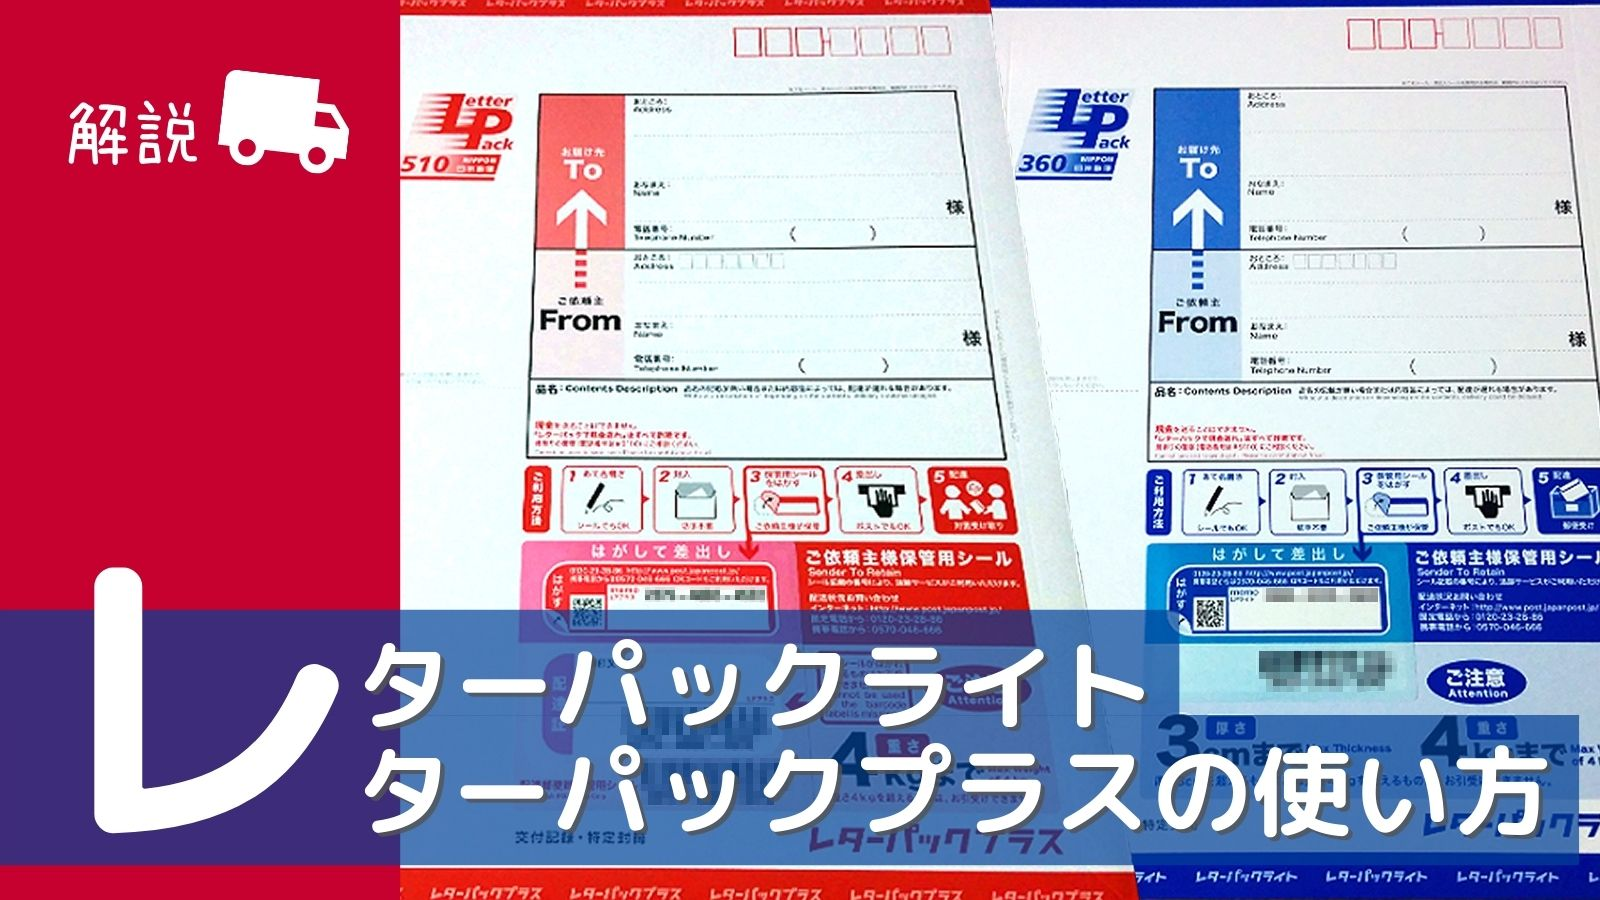 アイキャッチ画像レターパックプラス・レターパックライトの概要・利用方法